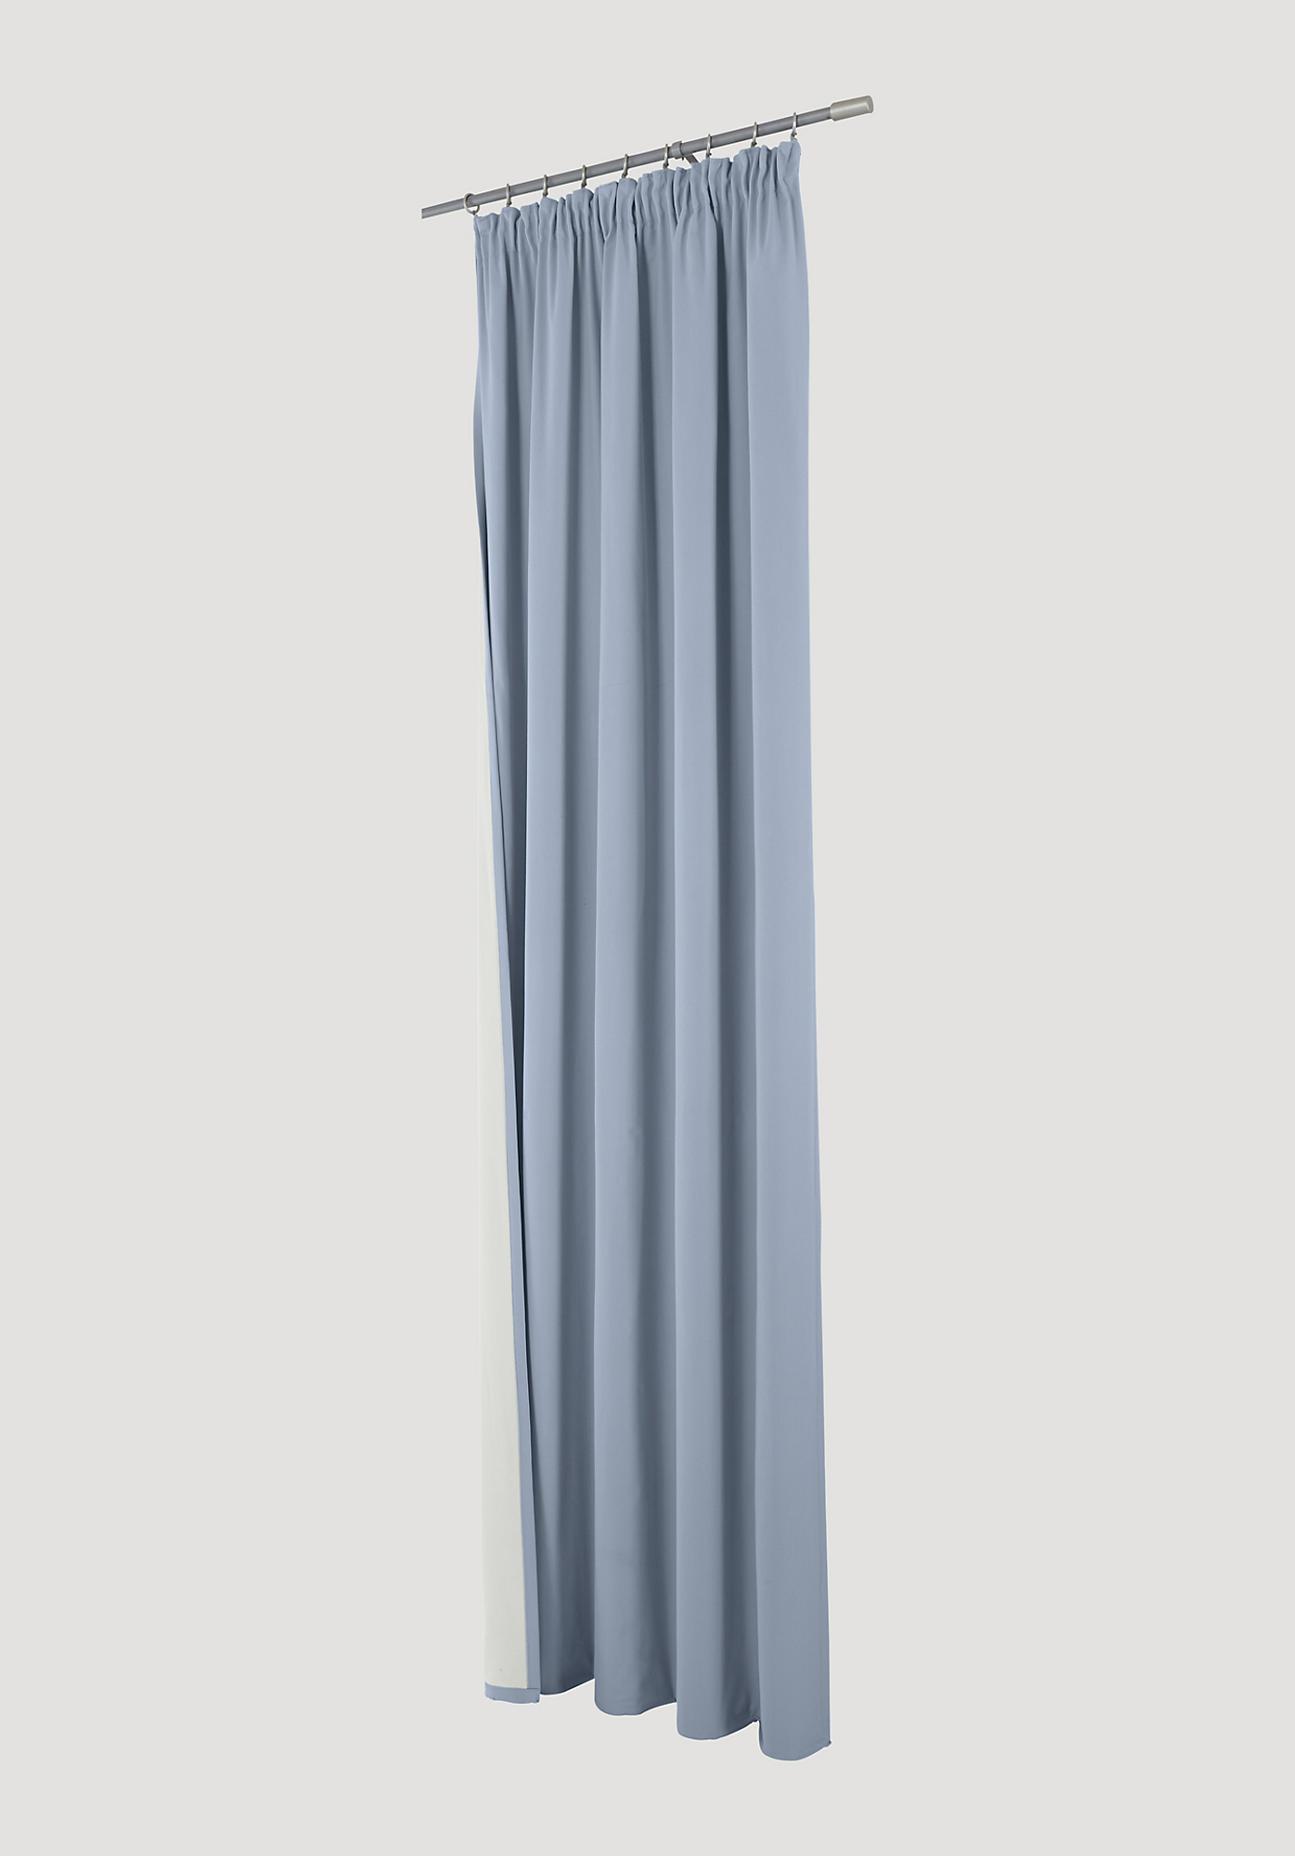 Hessnatur Thermo Vorhang Mit Faltenband Aus Bio Baumwolle Blau Größe 225x132cm